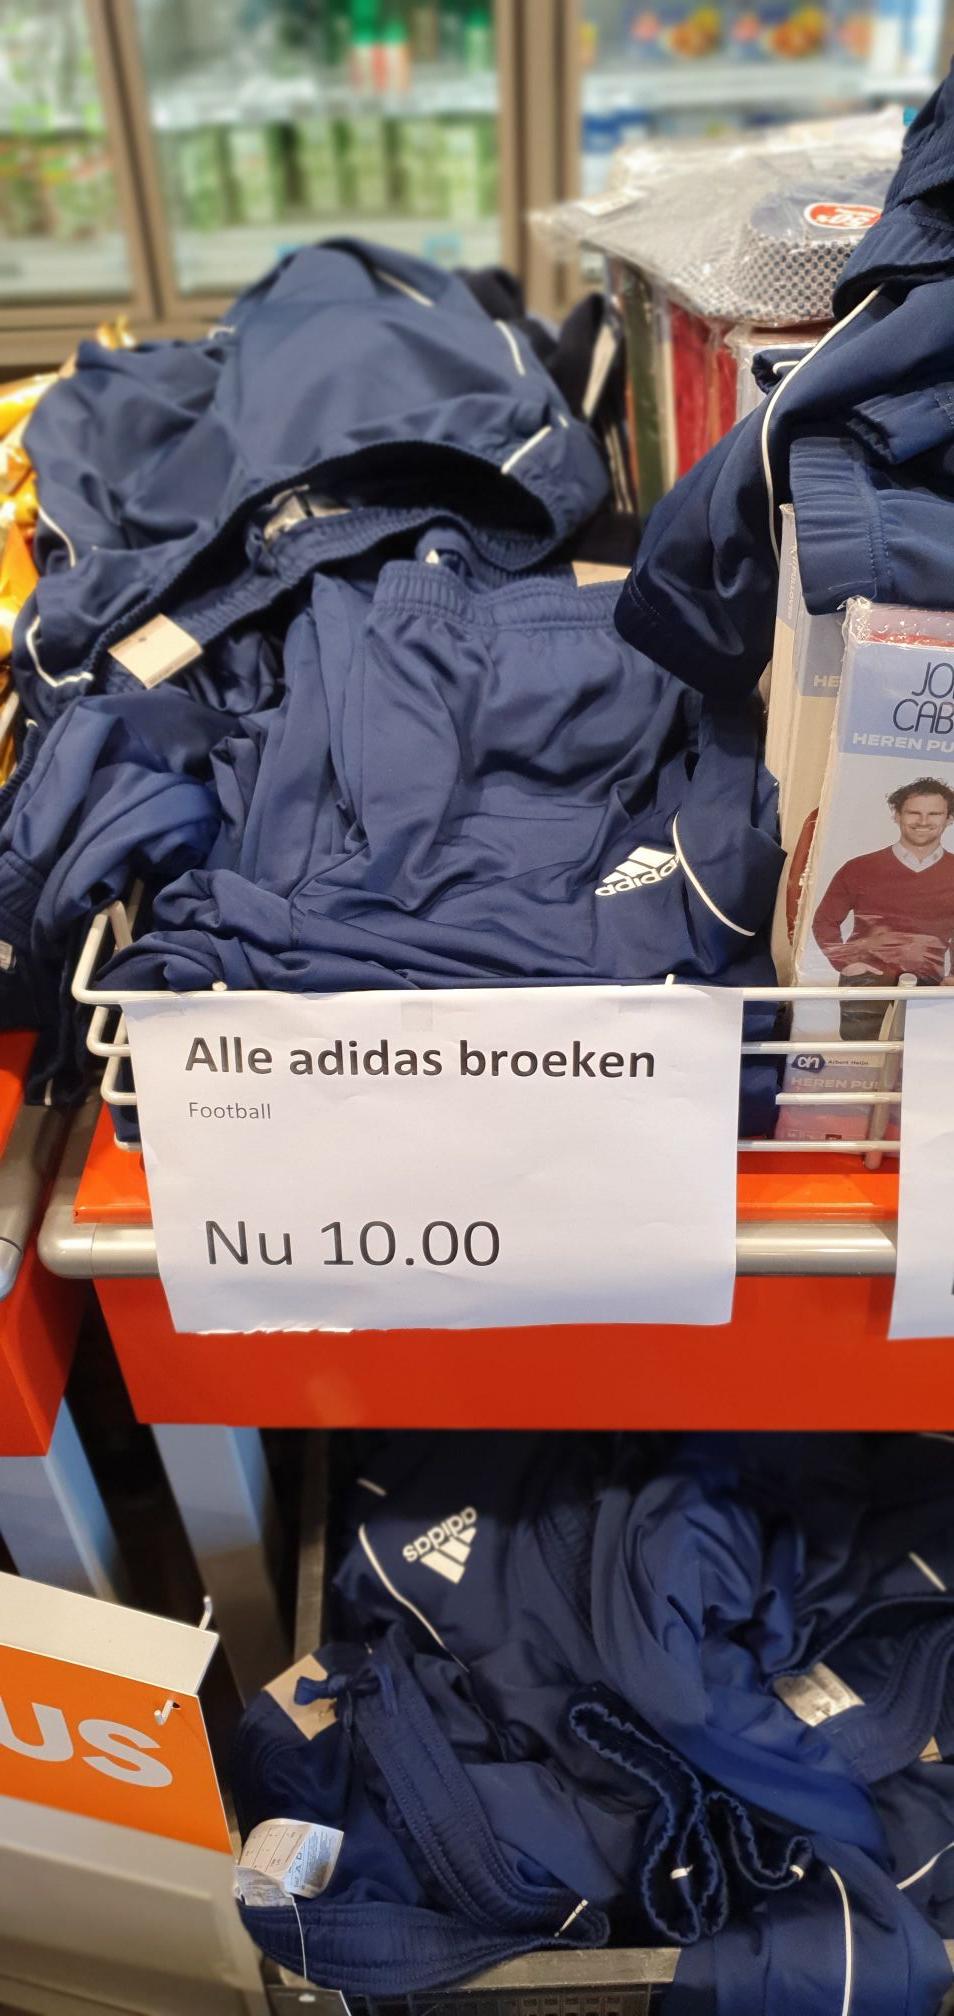 [LOKAAL?!] Adidas Broeken €10